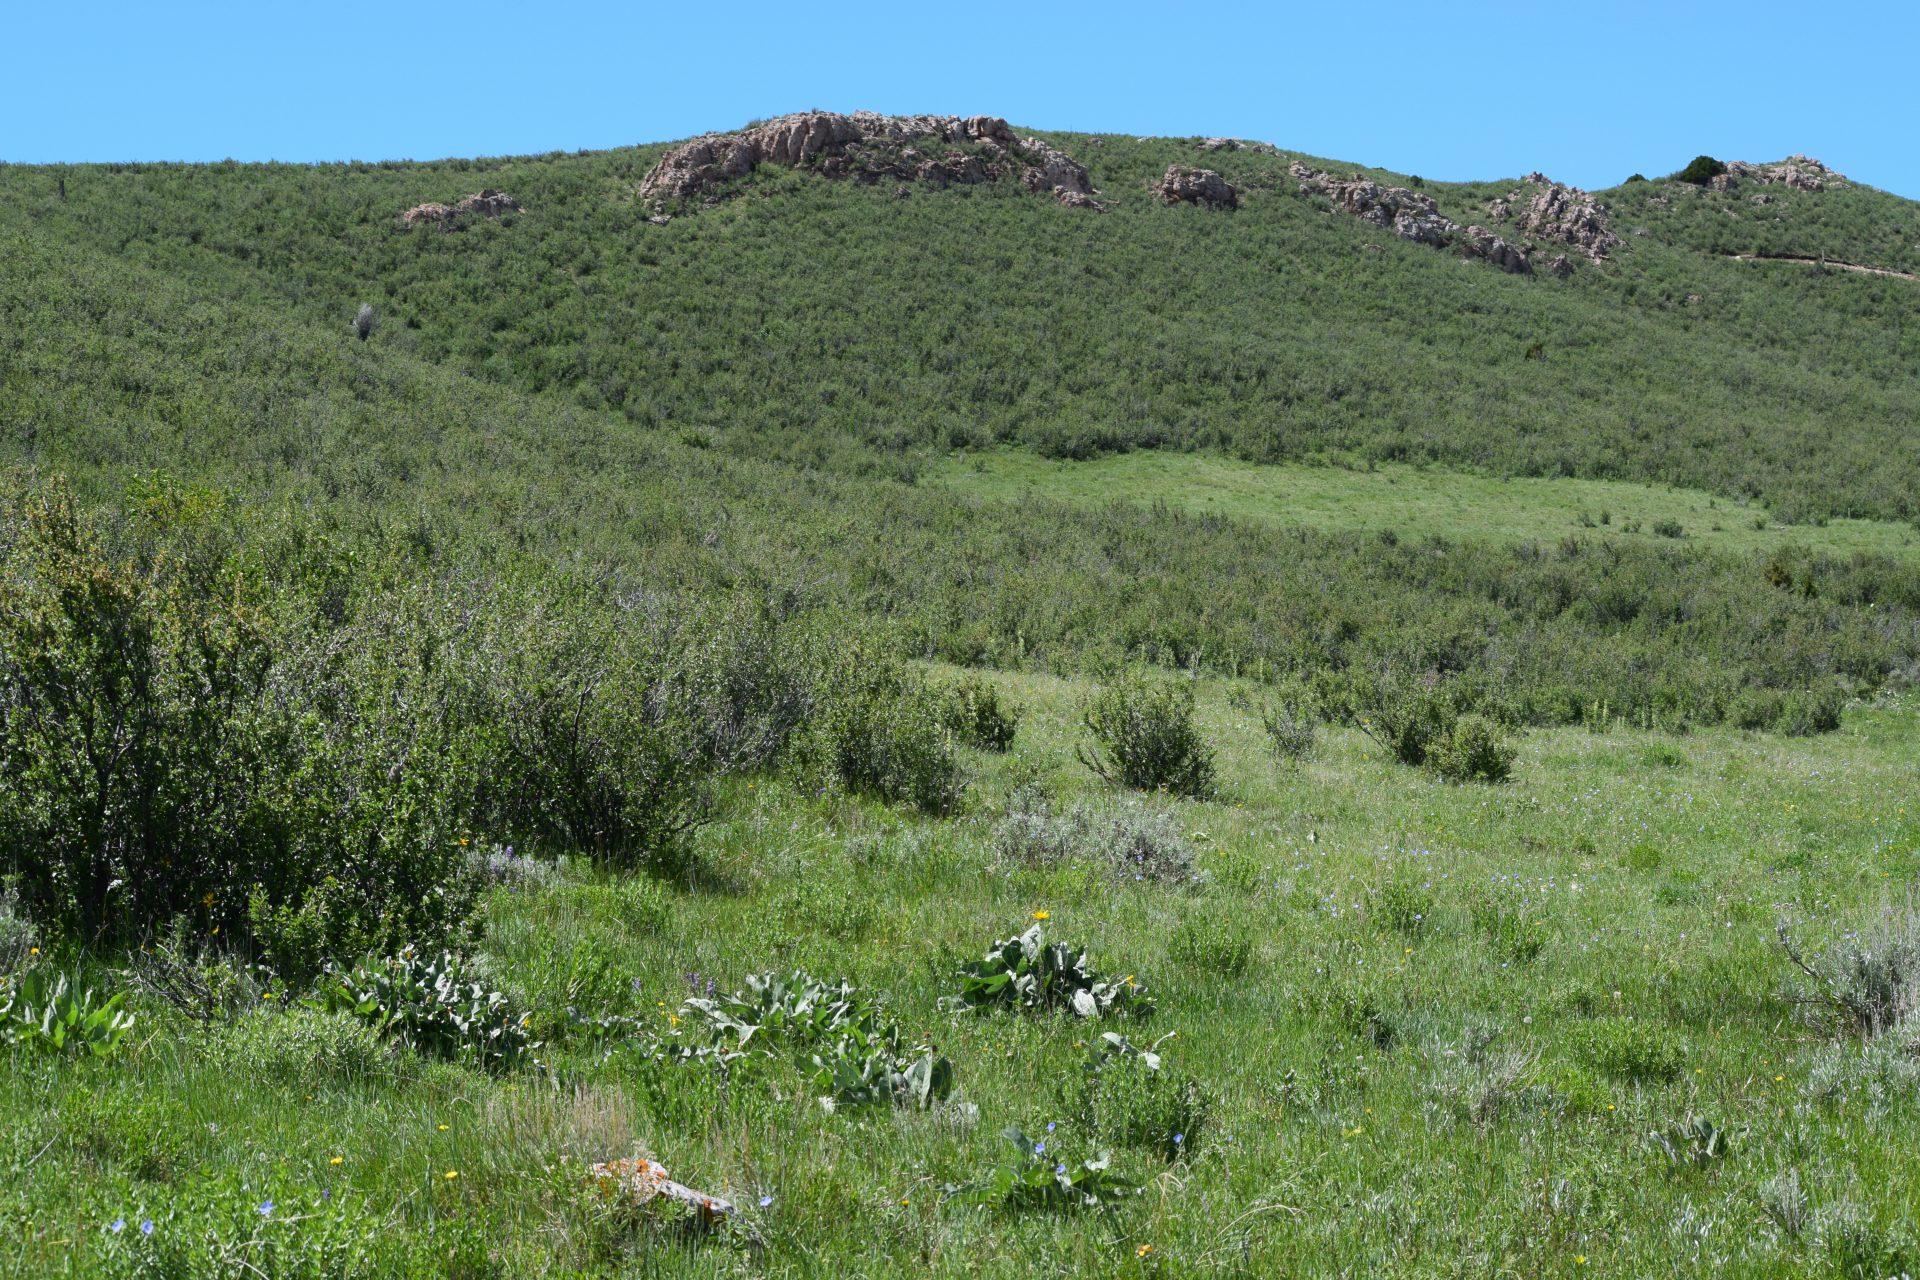 Mule deer habitat